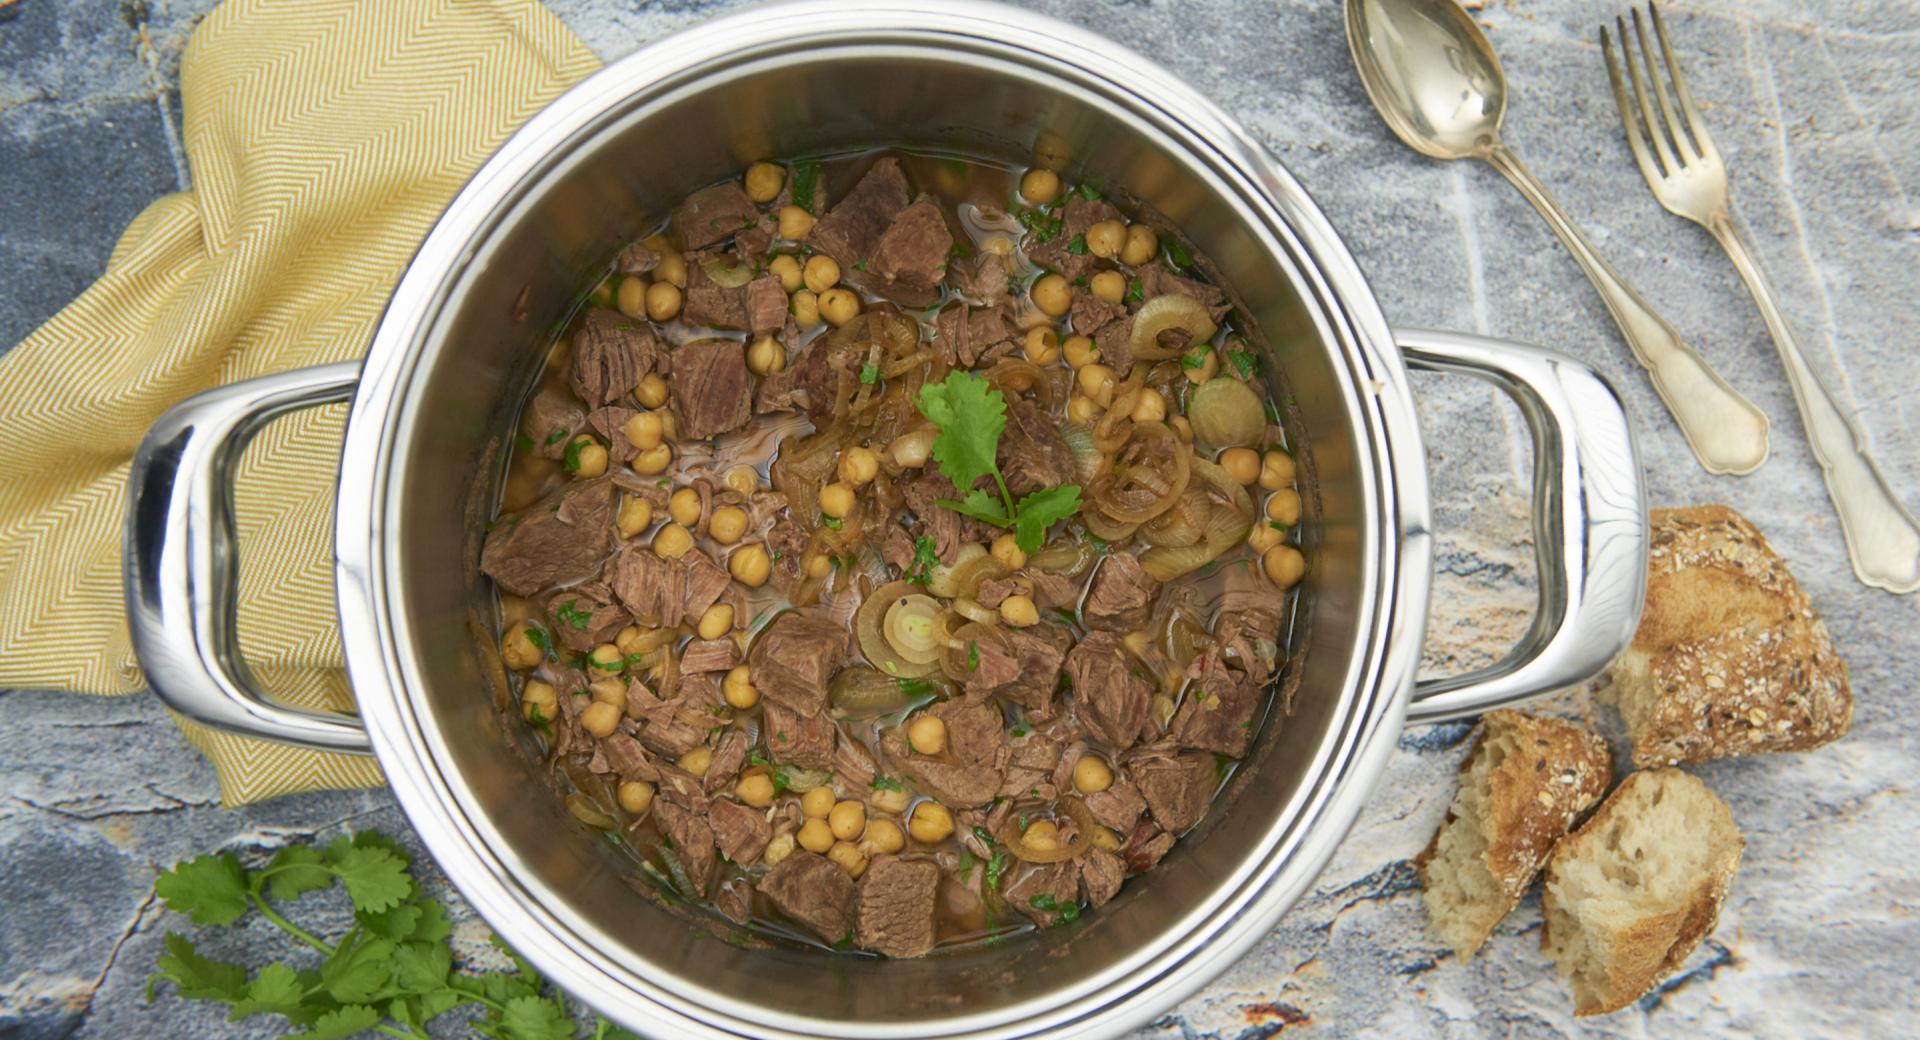 Estofado de carne con garbanzos y cebolla caramelizada